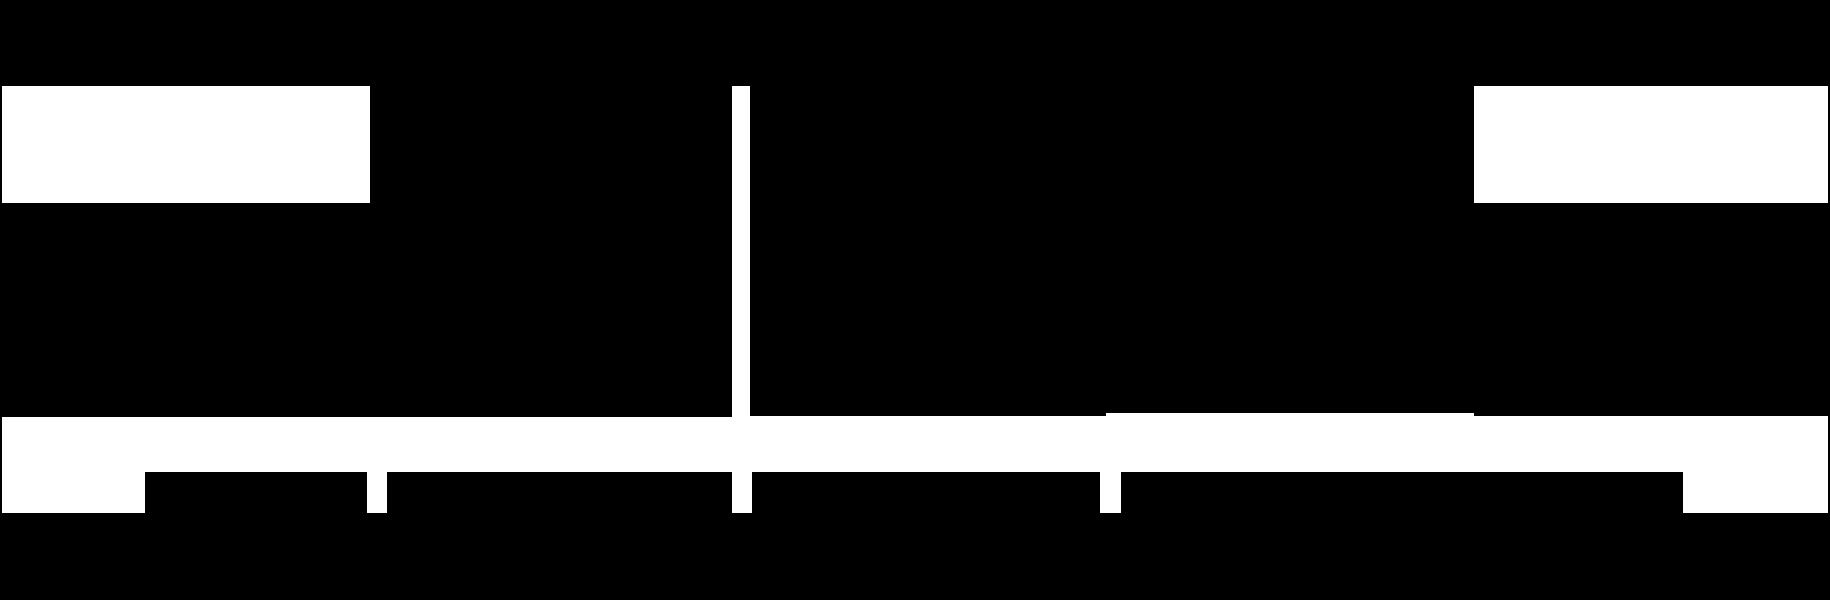 Large-Title-culturecatalyst-blk